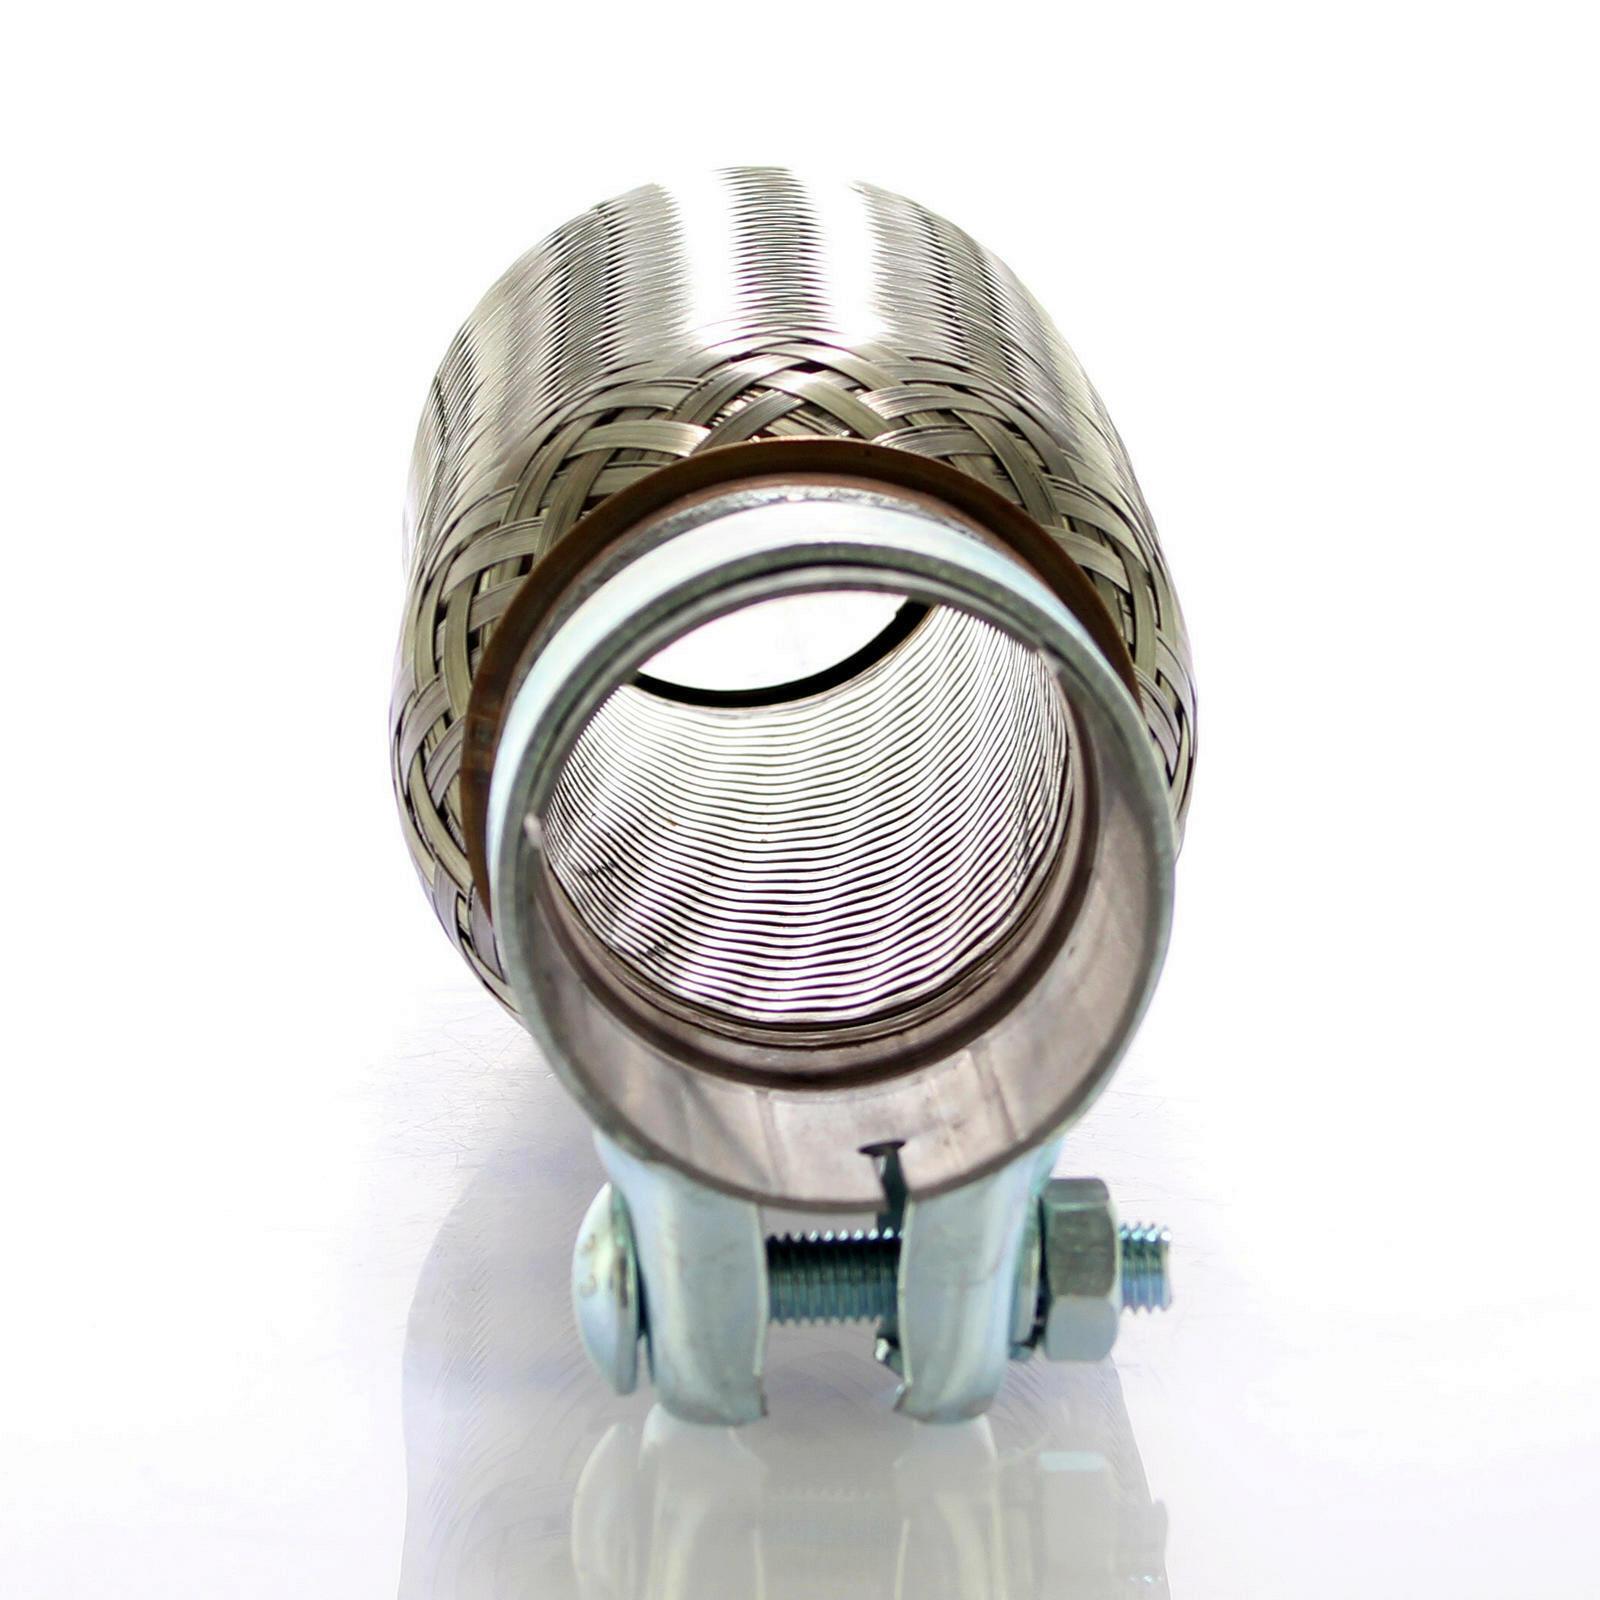 Flexrohr Set mit Bandschelle 60x200 mm